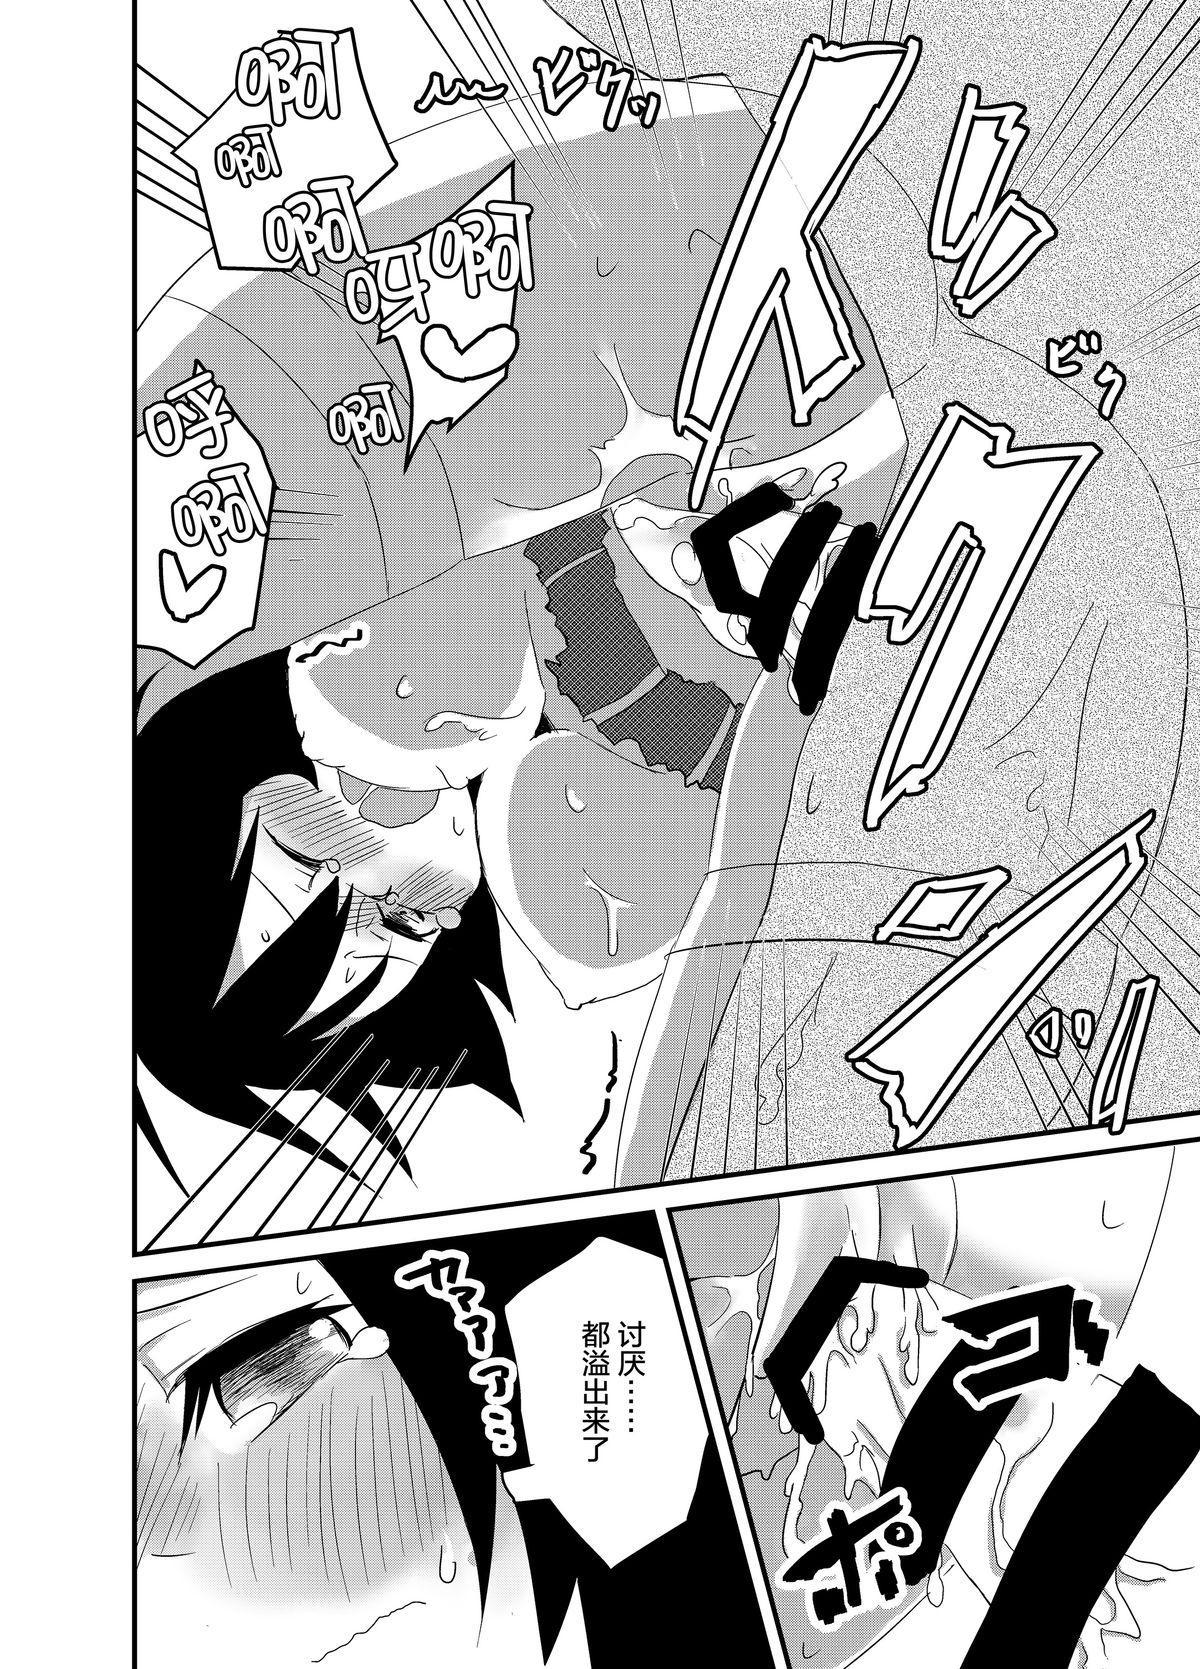 Haguro ga Seiippai Ganbarimasu! 14